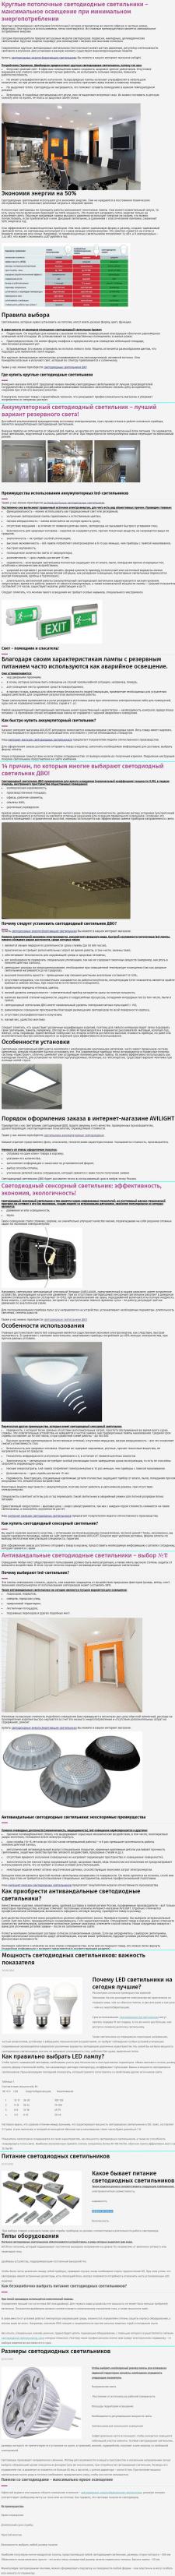 ЭЛЕКТРОНИКА | Интернет-магазин светодиодных светил